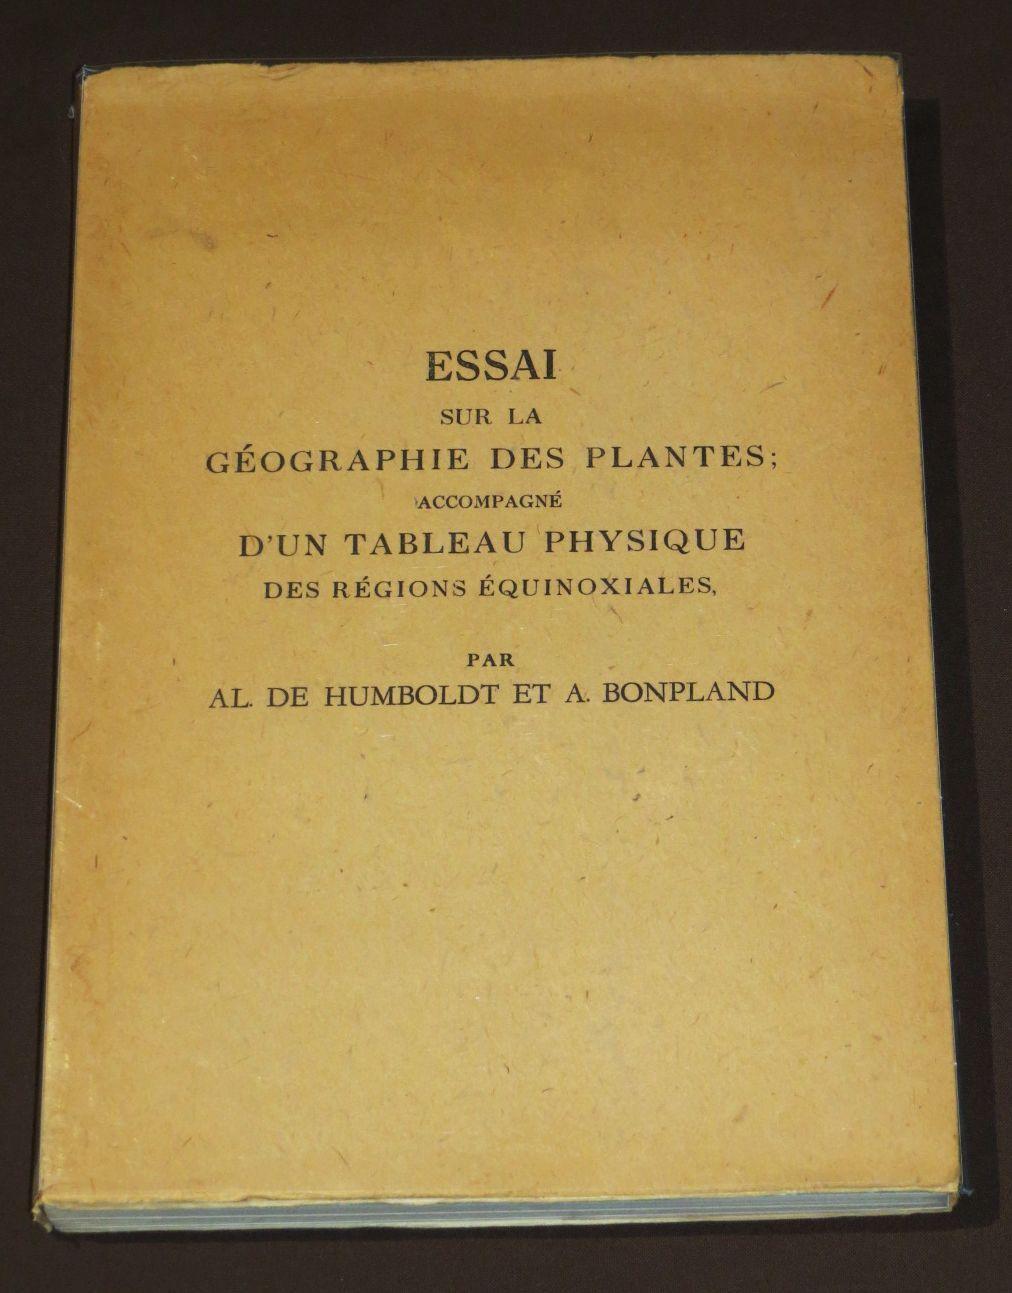 Essai sur la géographie des plantes, accompagné d'un tableau physique des régions équinoxiales -